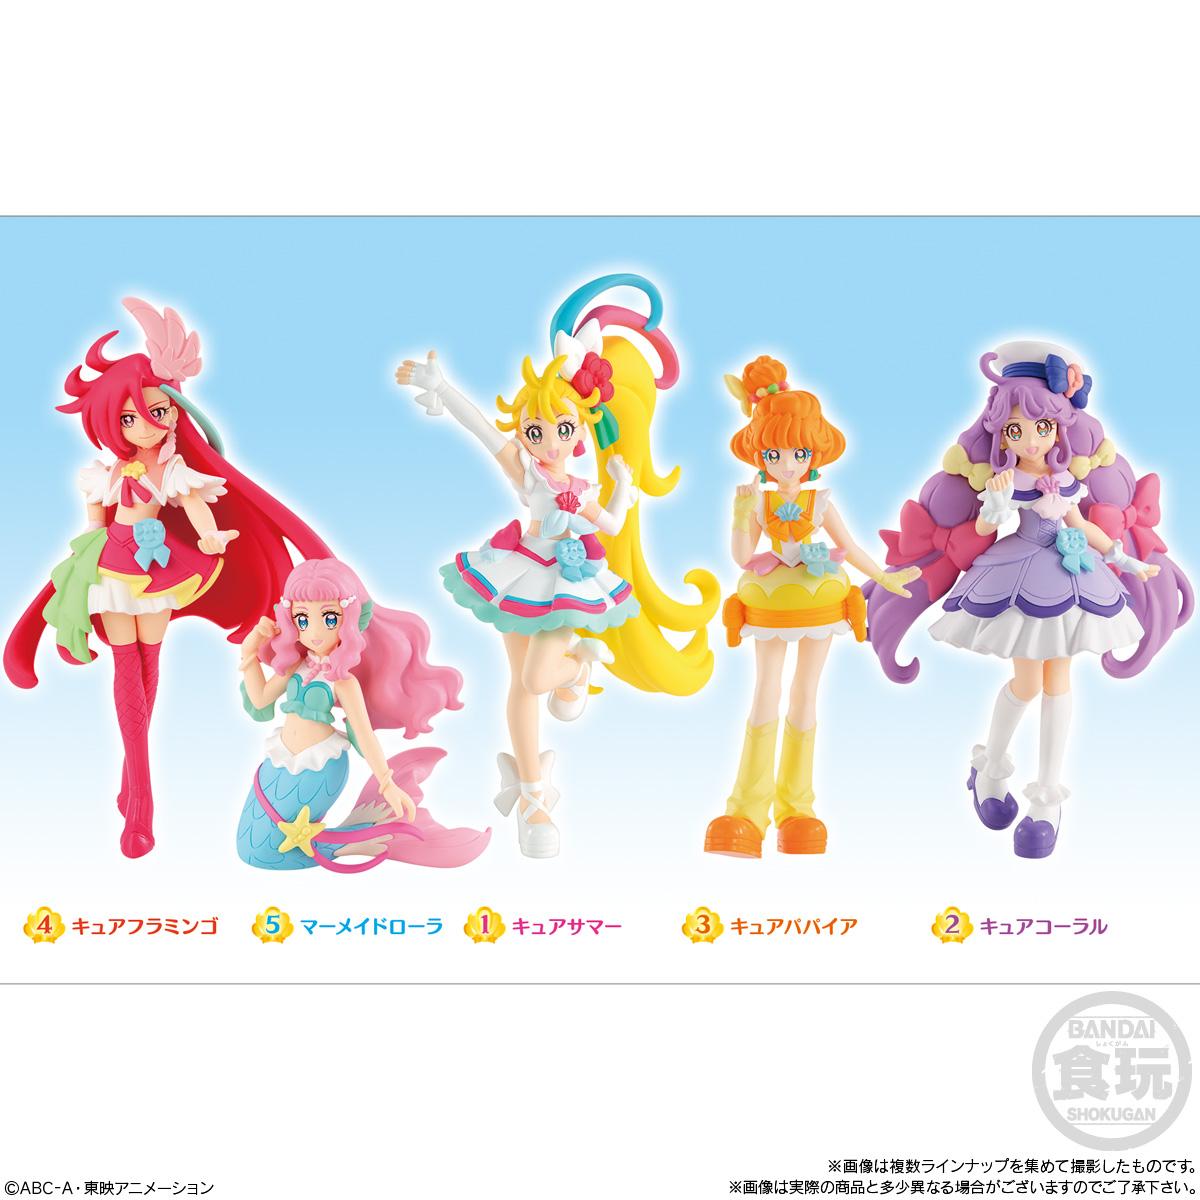 【食玩】トロプリ『トロピカル~ジュ!プリキュア キューティーフィギュア』10個入りBOX-002